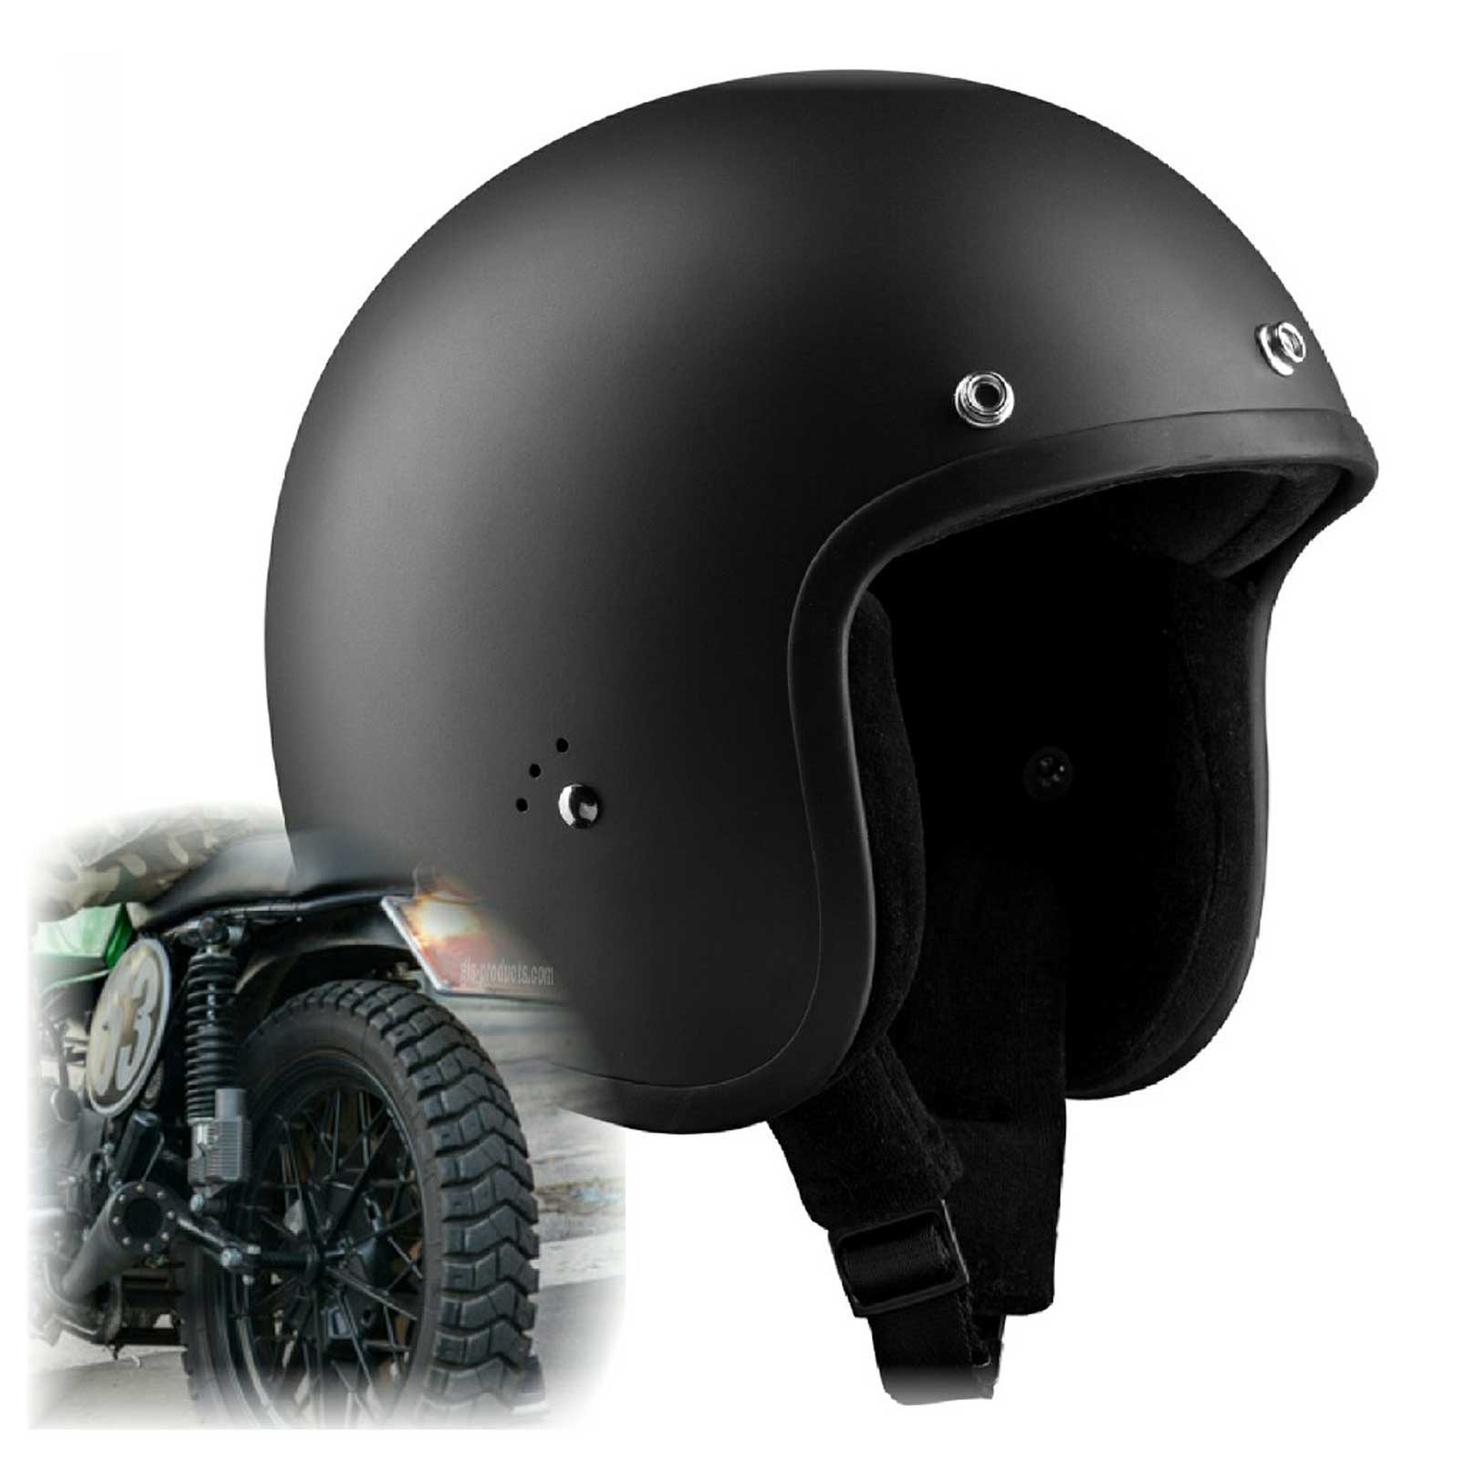 Bandit Jet Helmet - Matte Black Motorcycle Helmet – Picture 1